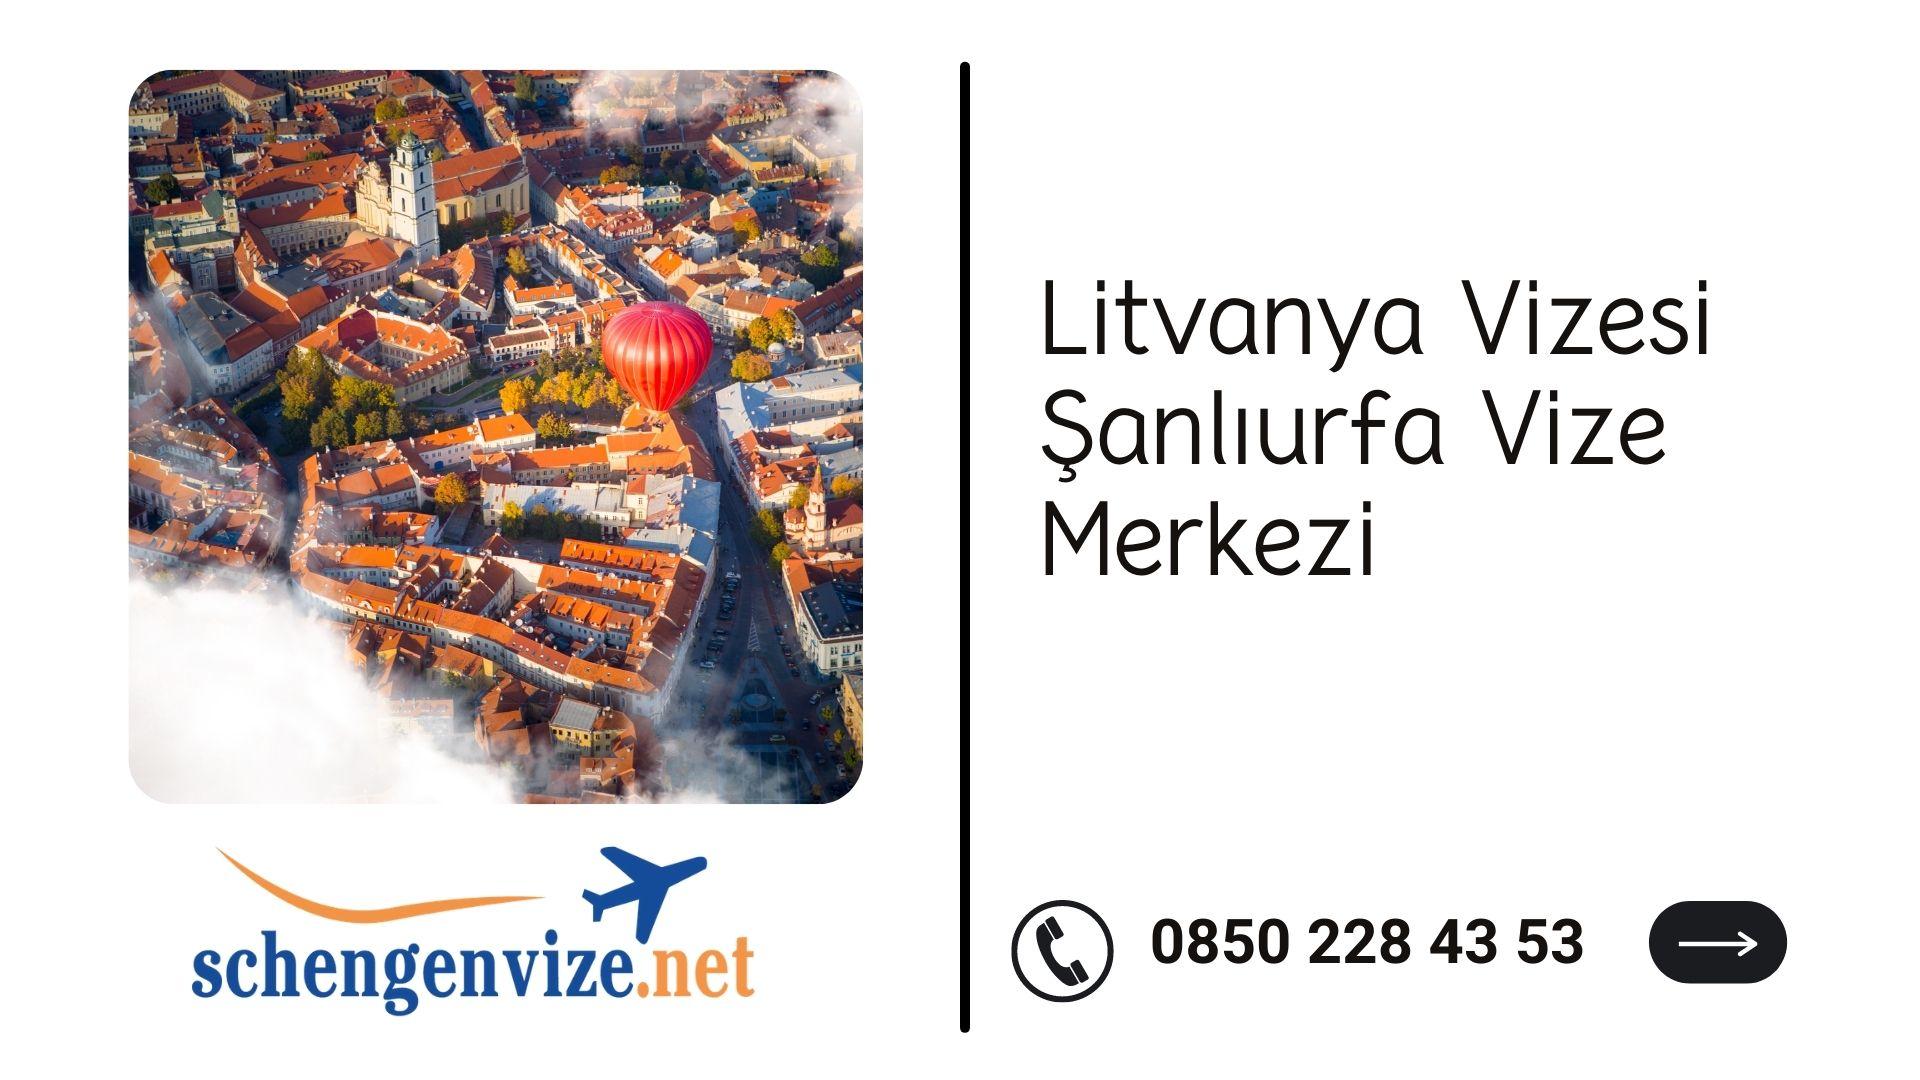 Litvanya Vizesi Şanlıurfa Vize Merkezi